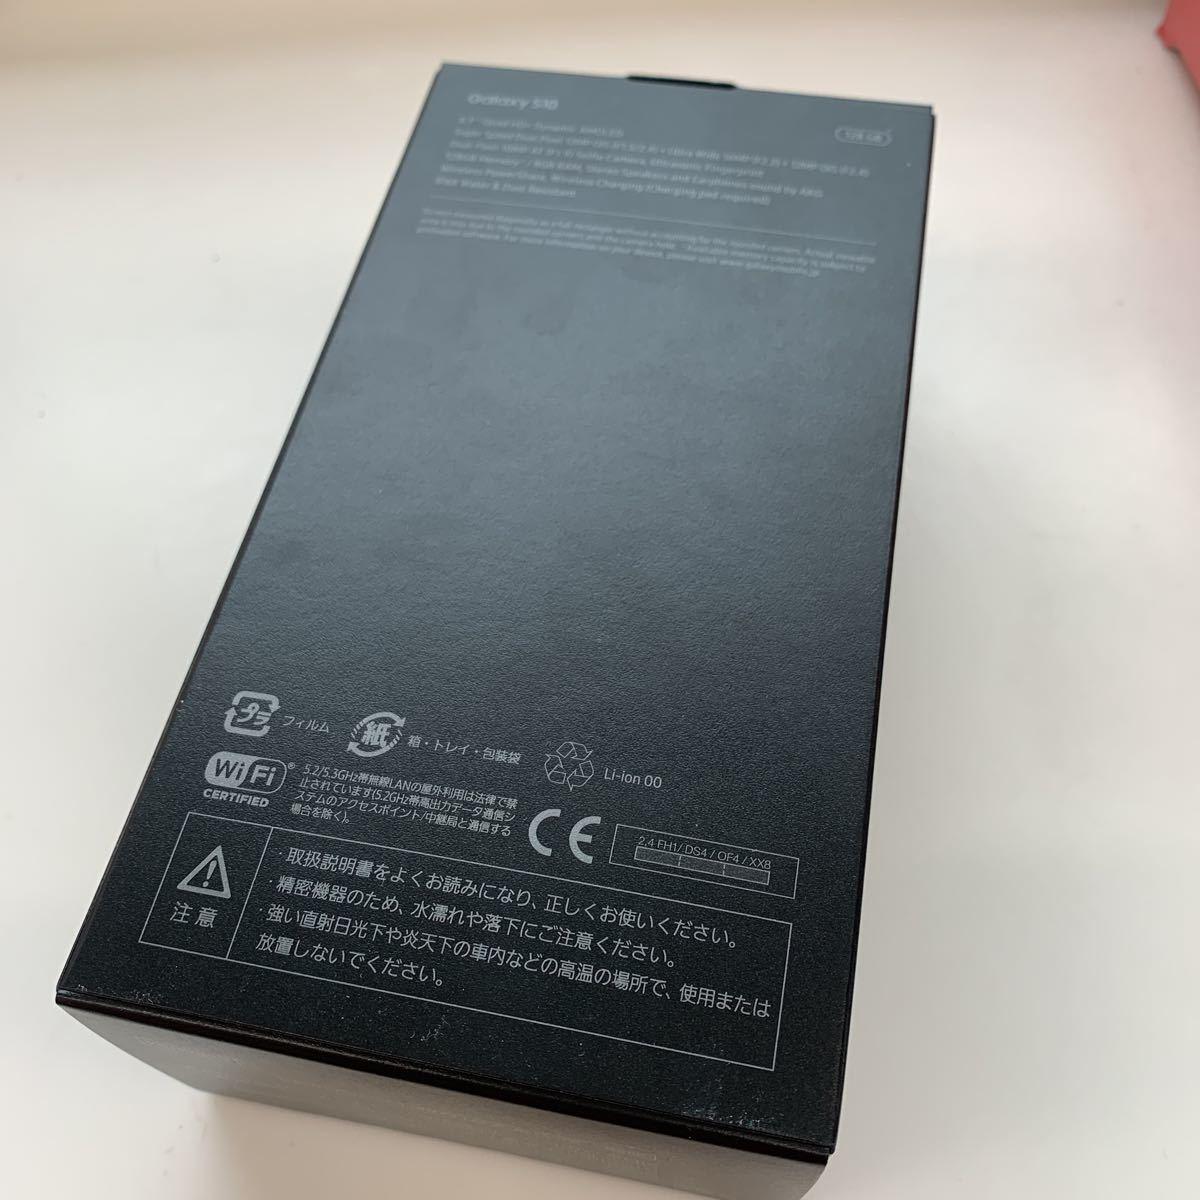 【新品】Samsung/サムスン/Galaxy S10/SC-03L SIMロック解除済/SIM Free/青/プリズムブルー/Prism blue/8GB RAM/128GB MEM 【未使用】_画像3